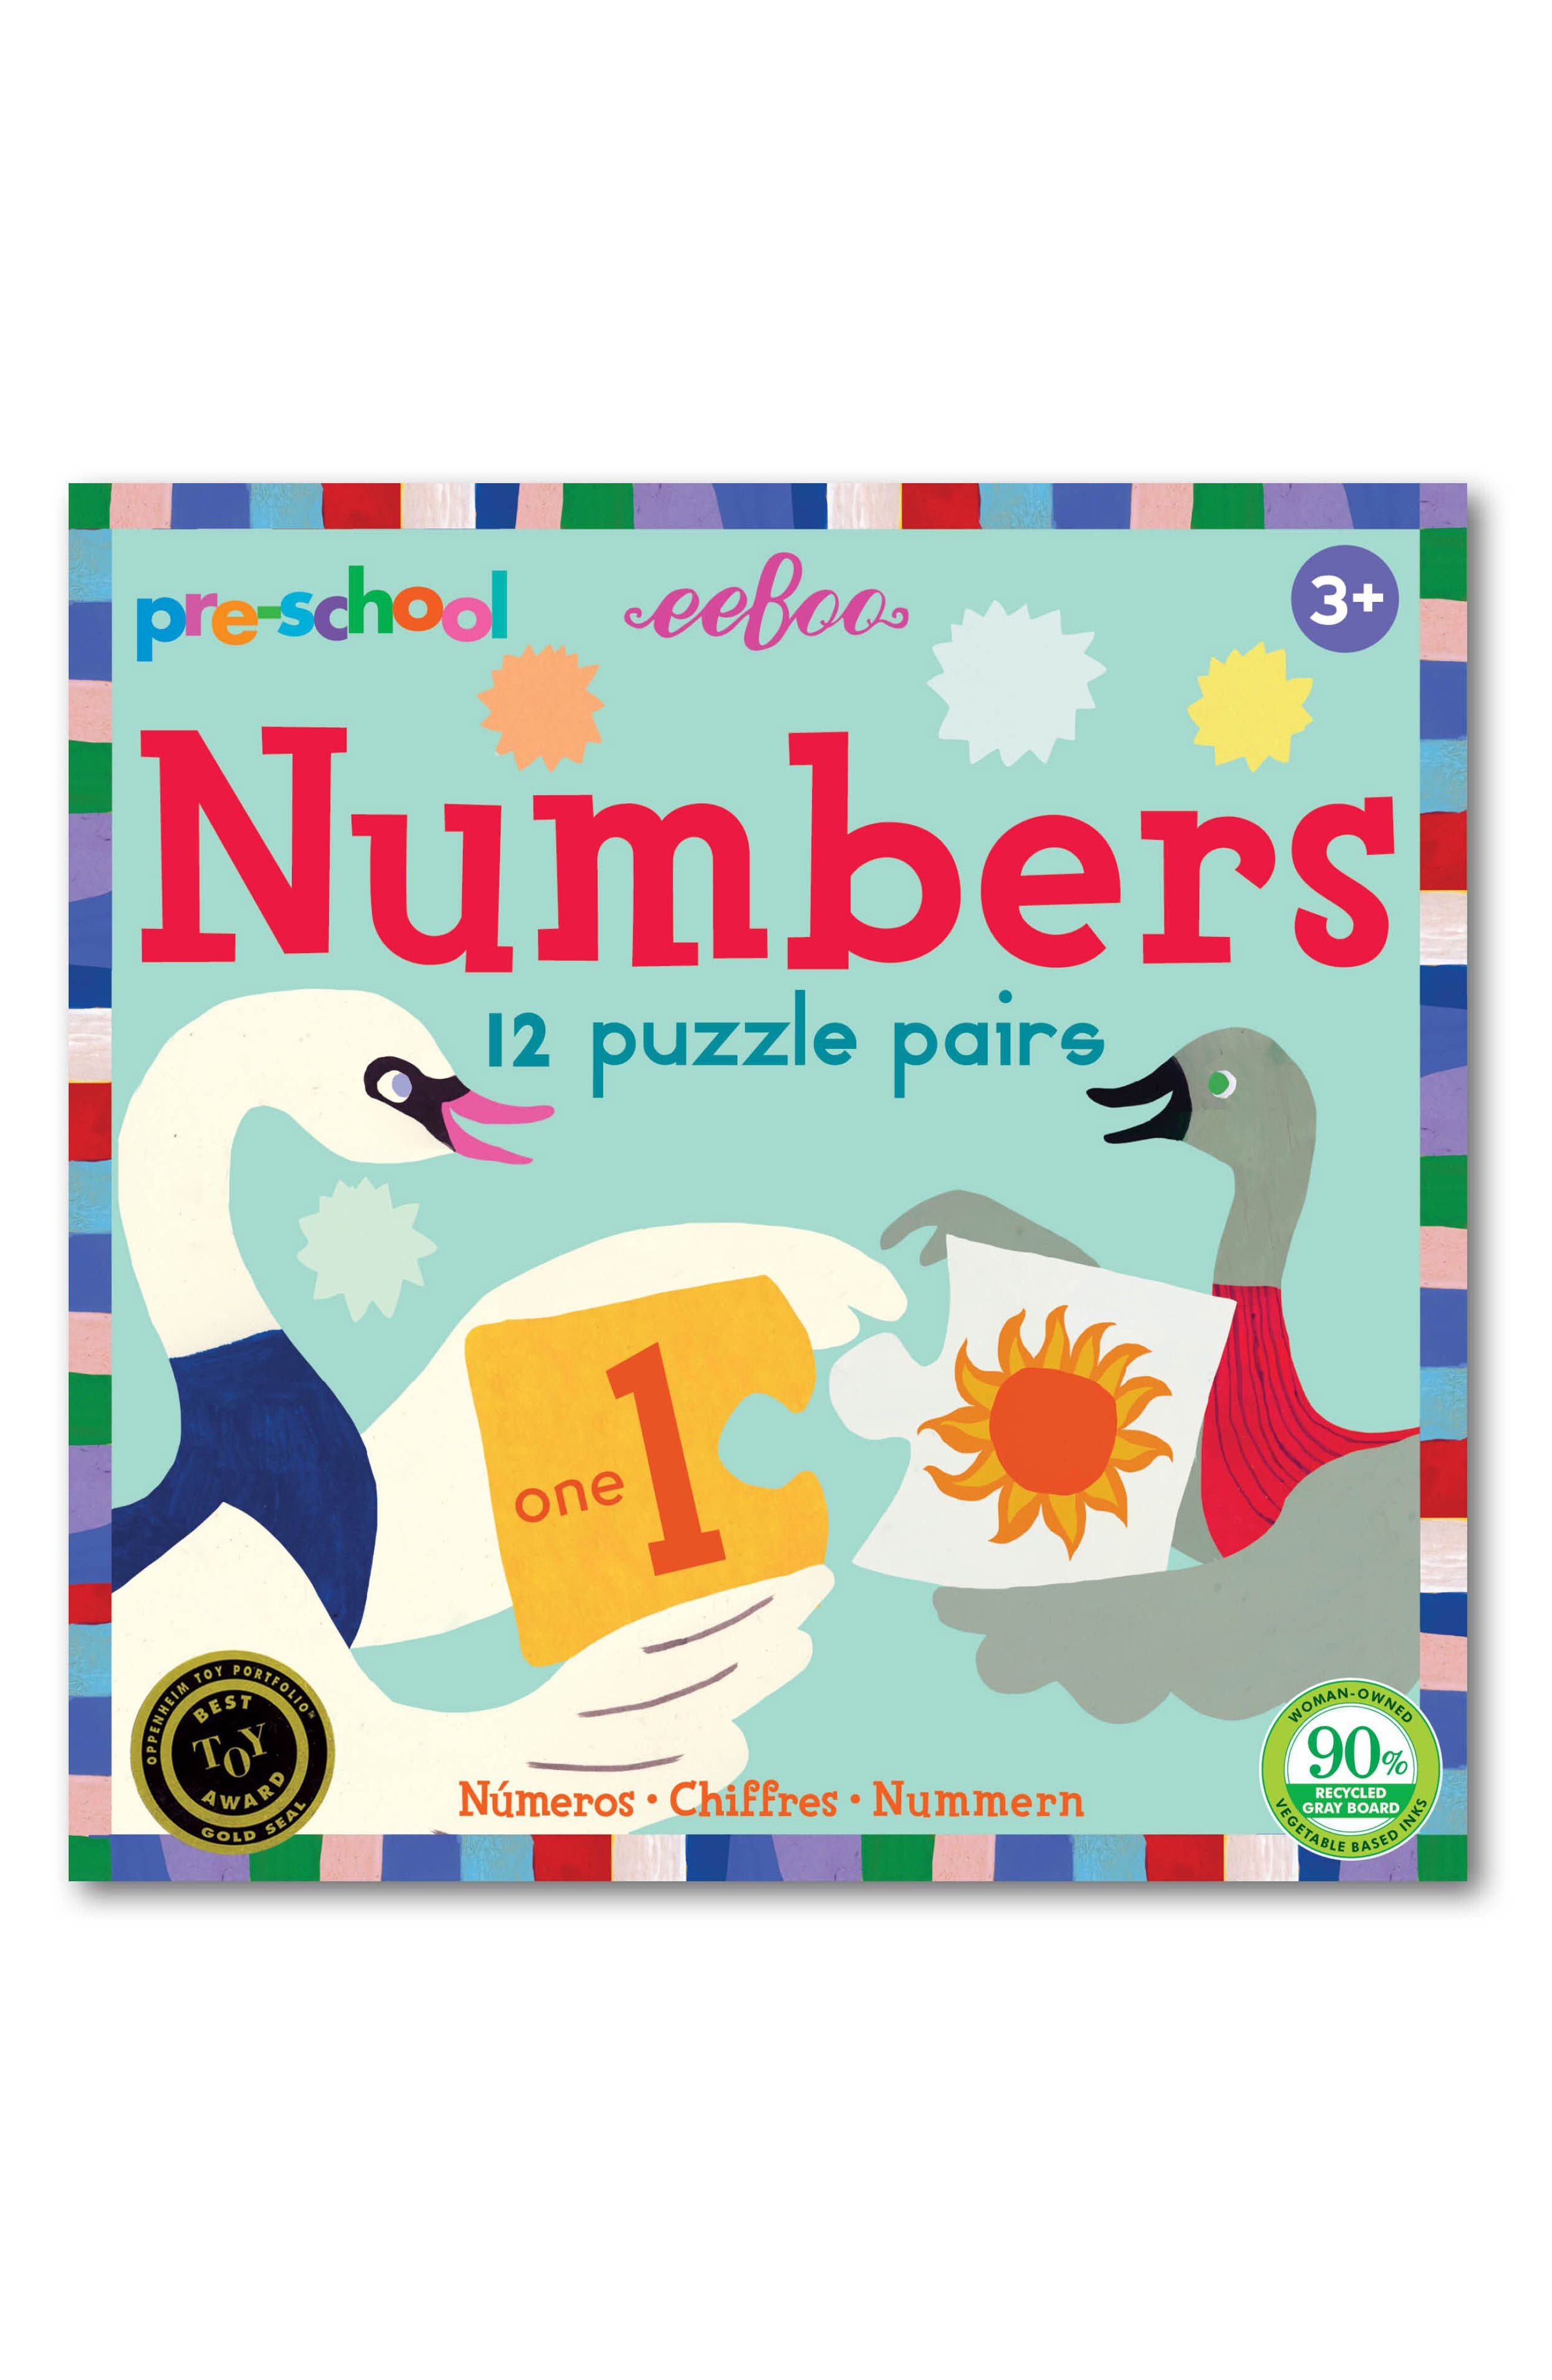 Eeboo Preschool Puzzle Pairs Play Set